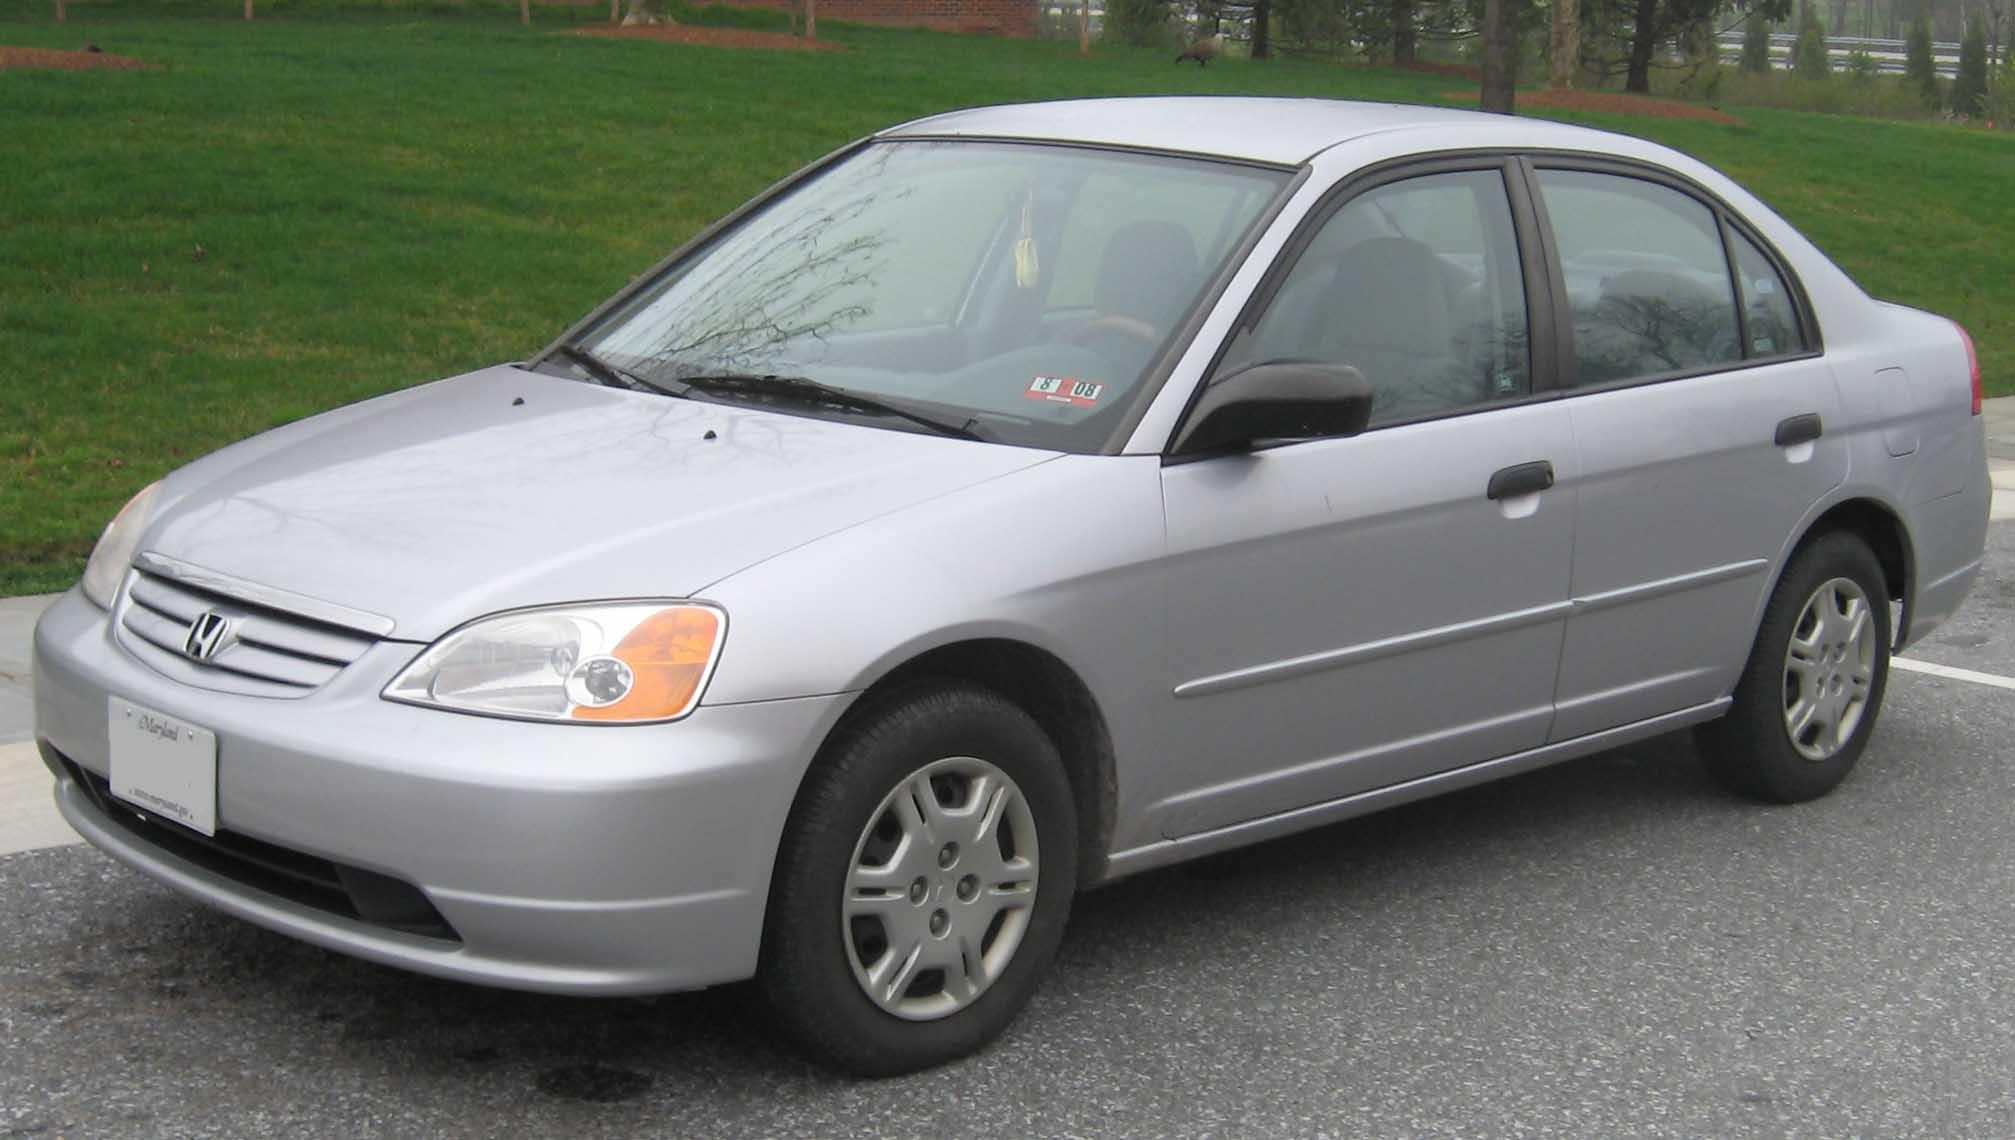 2003 Honda Civic #14 Honda Civic #14